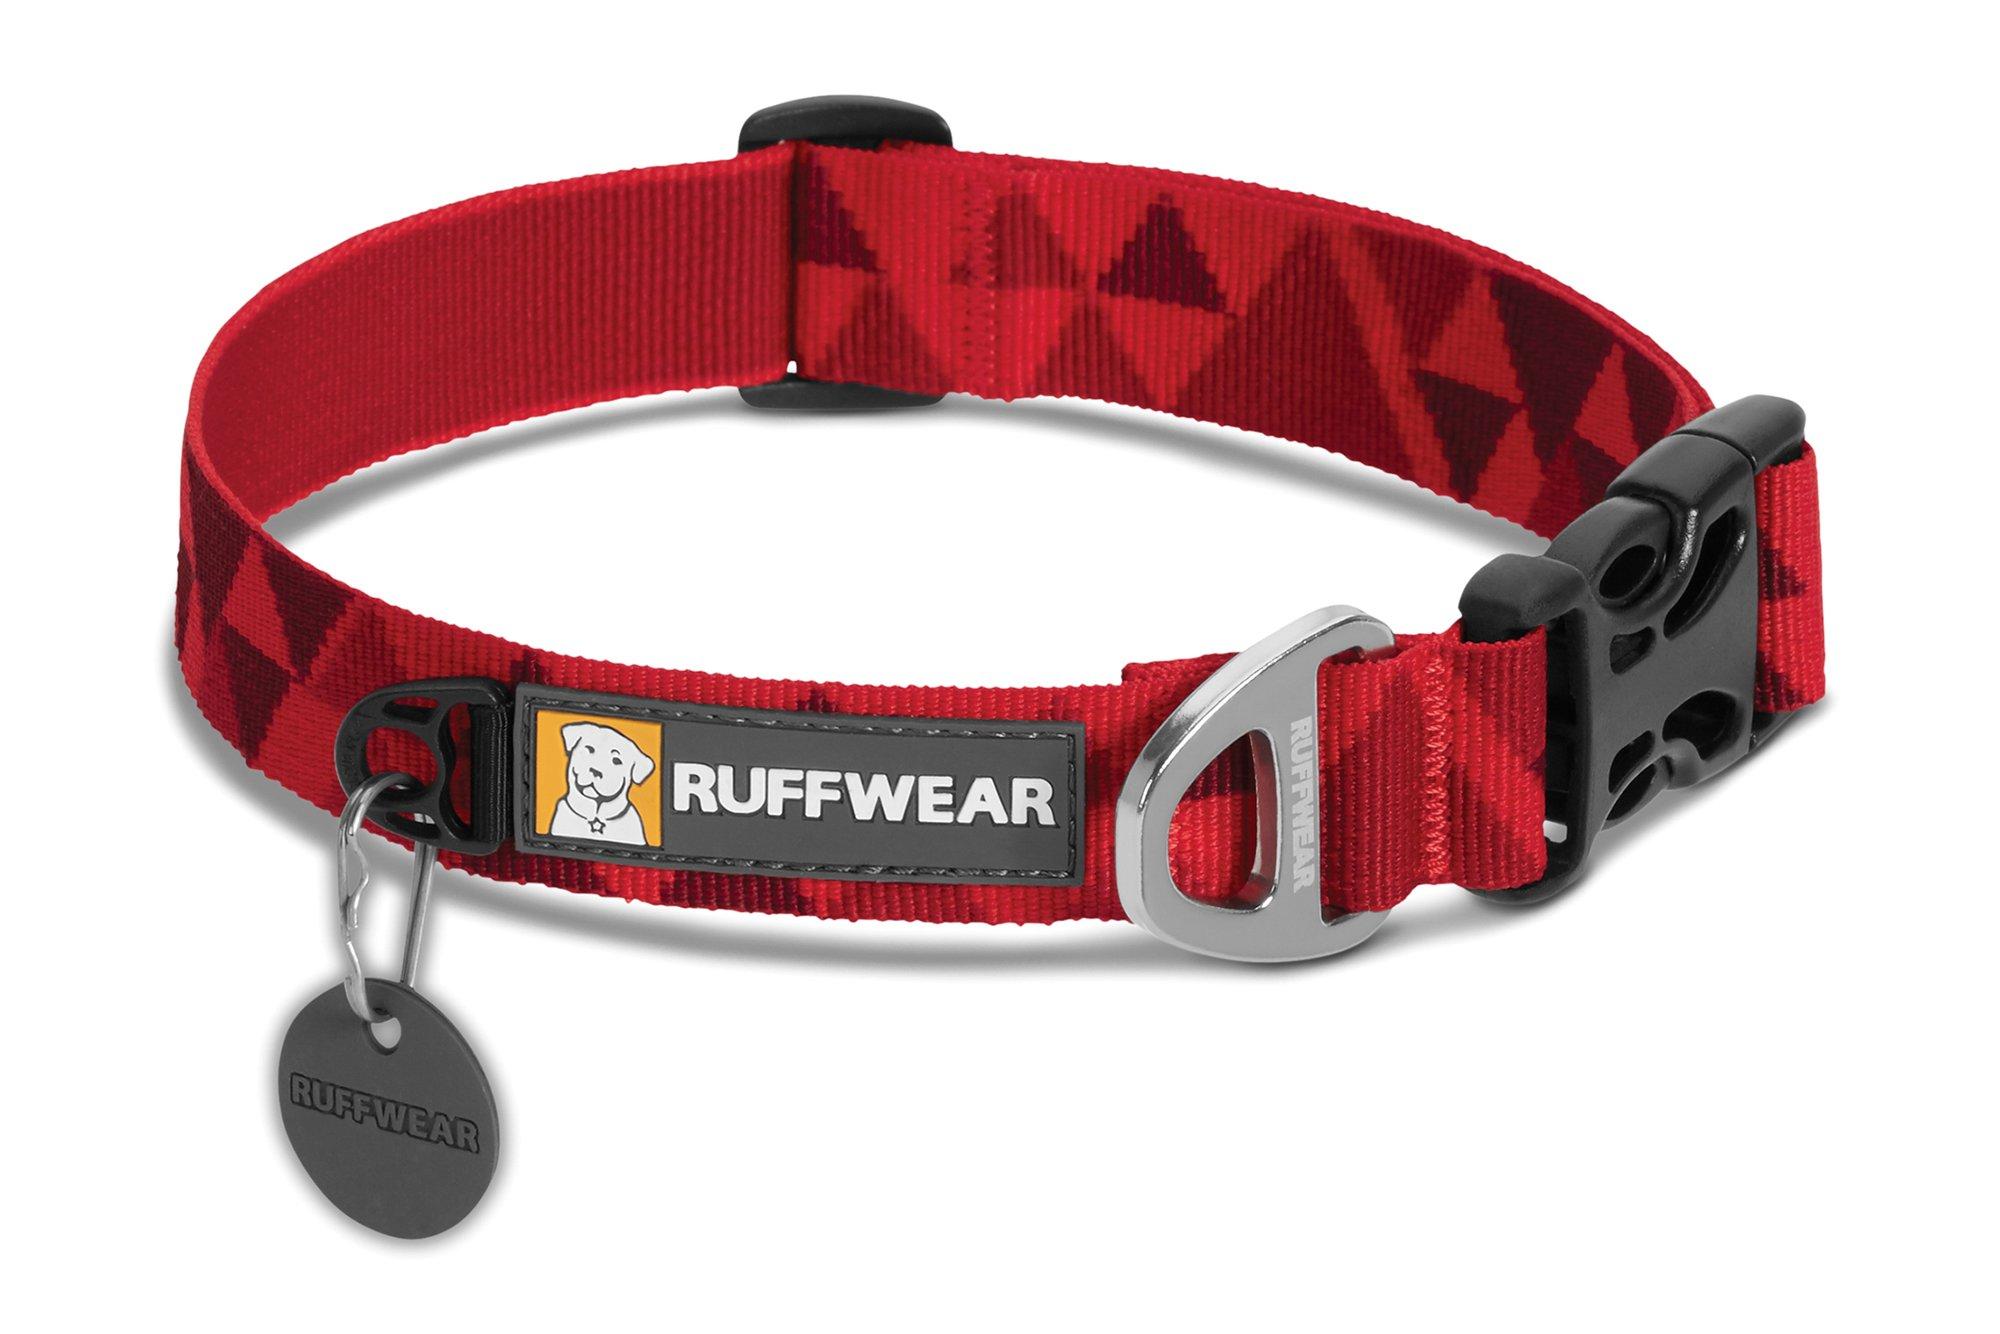 RUFFWEAR - Hoopie Dog Collar, Red Butte, Medium